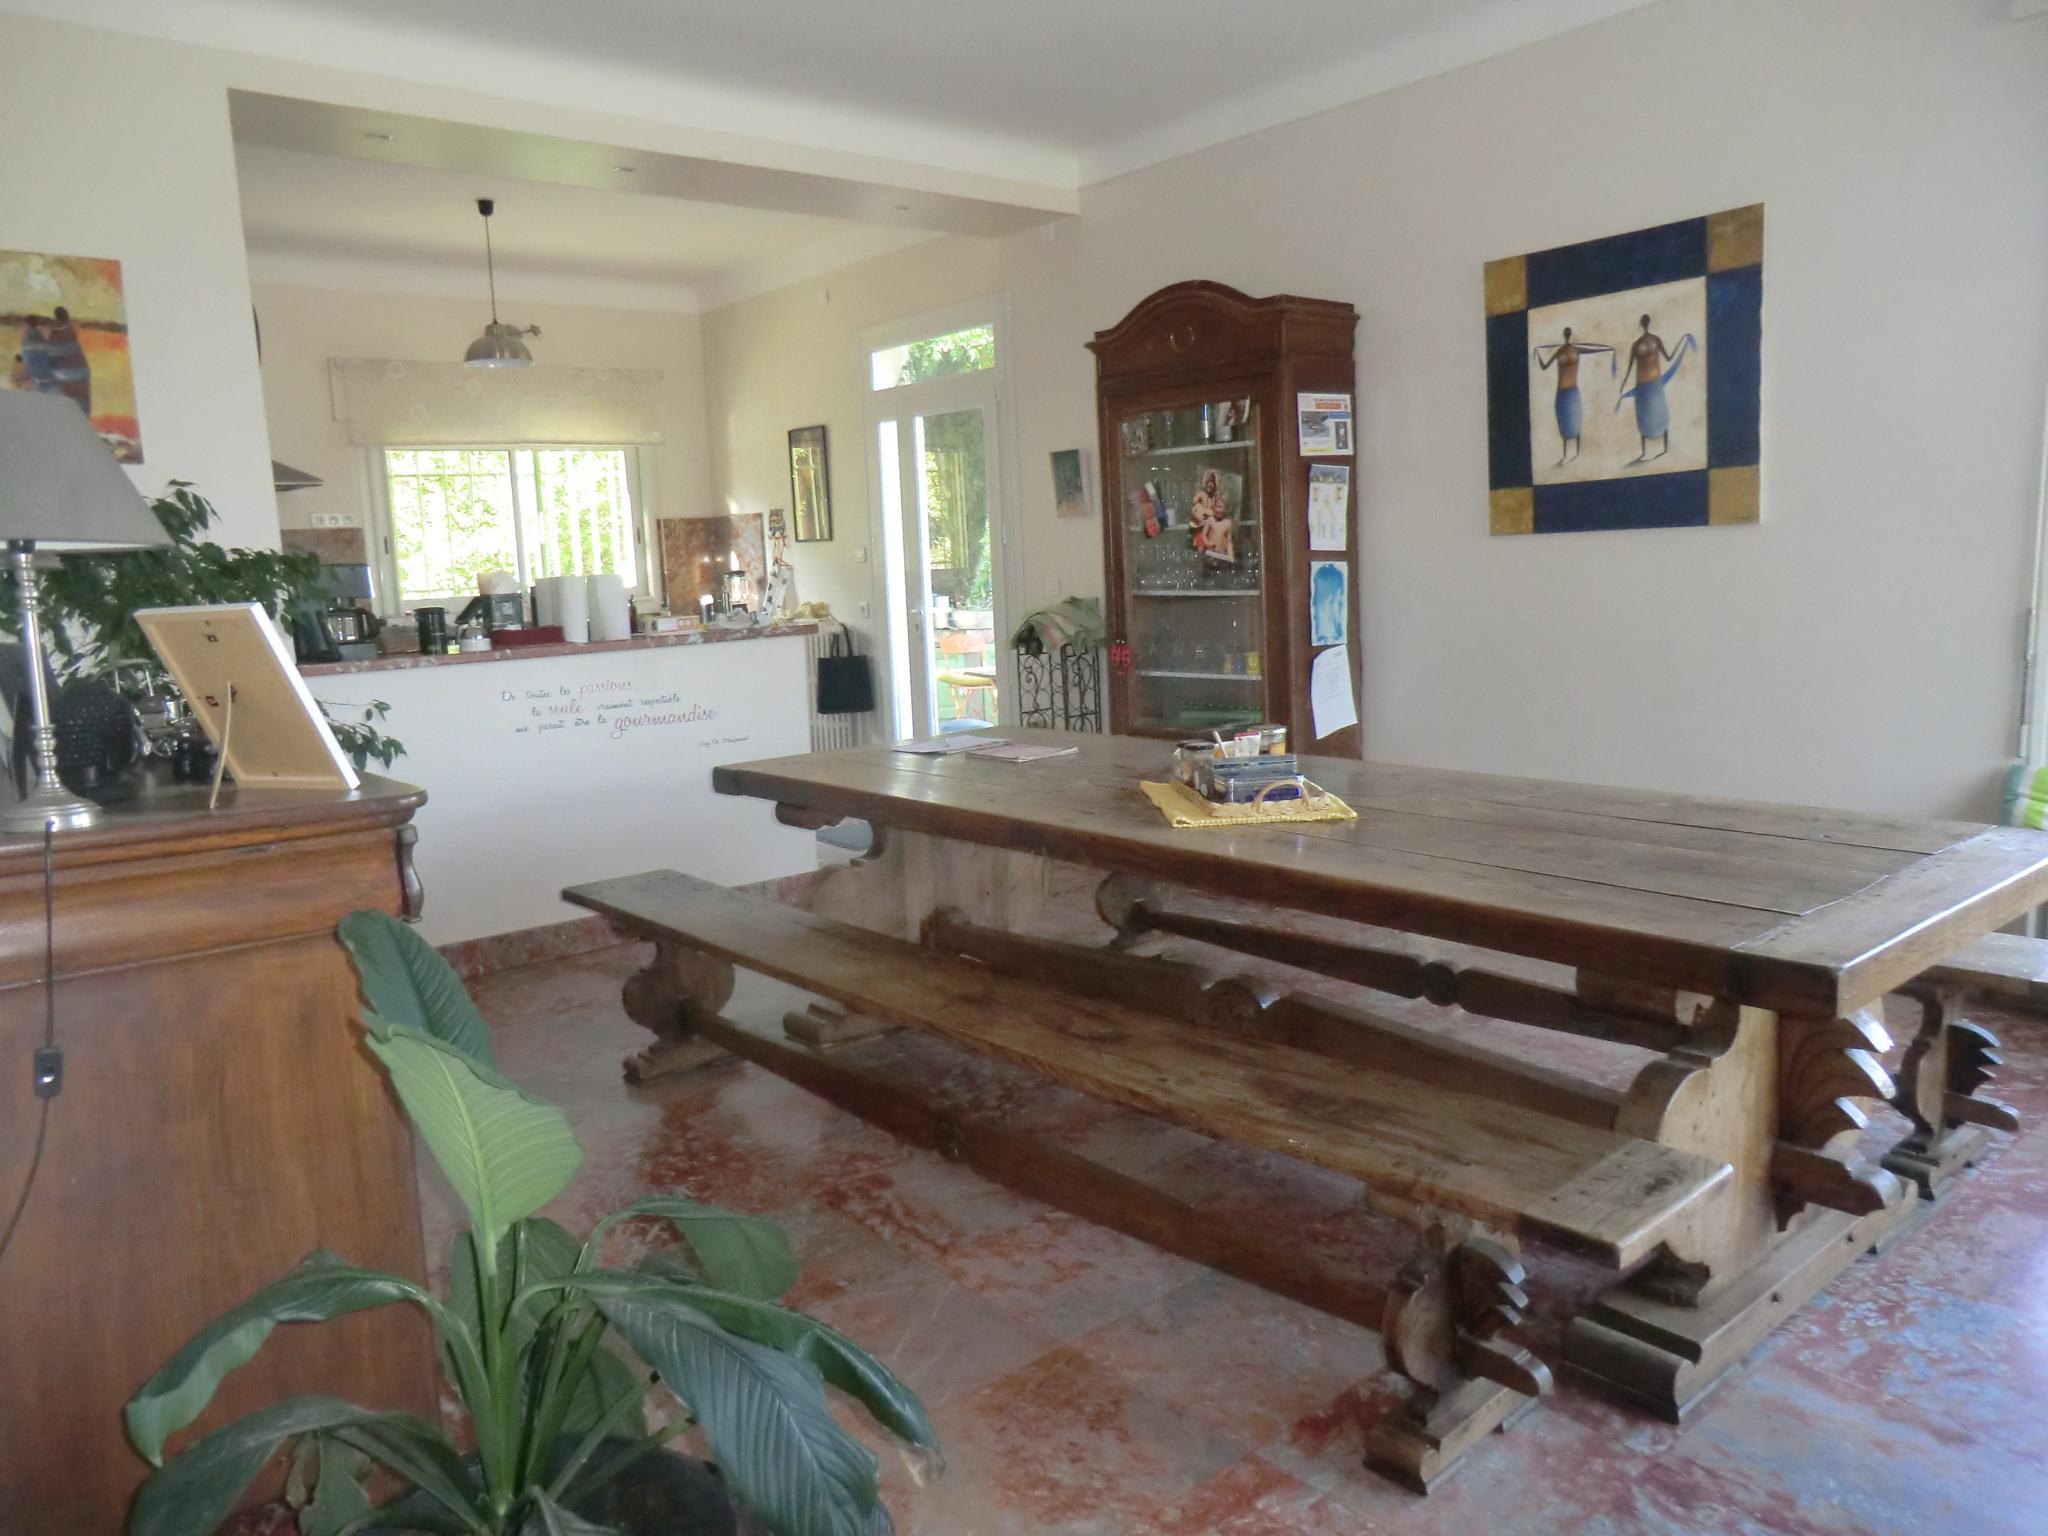 À vendre maison/villa de 500m2 à argeles sur mer (66700) - Photo 18'